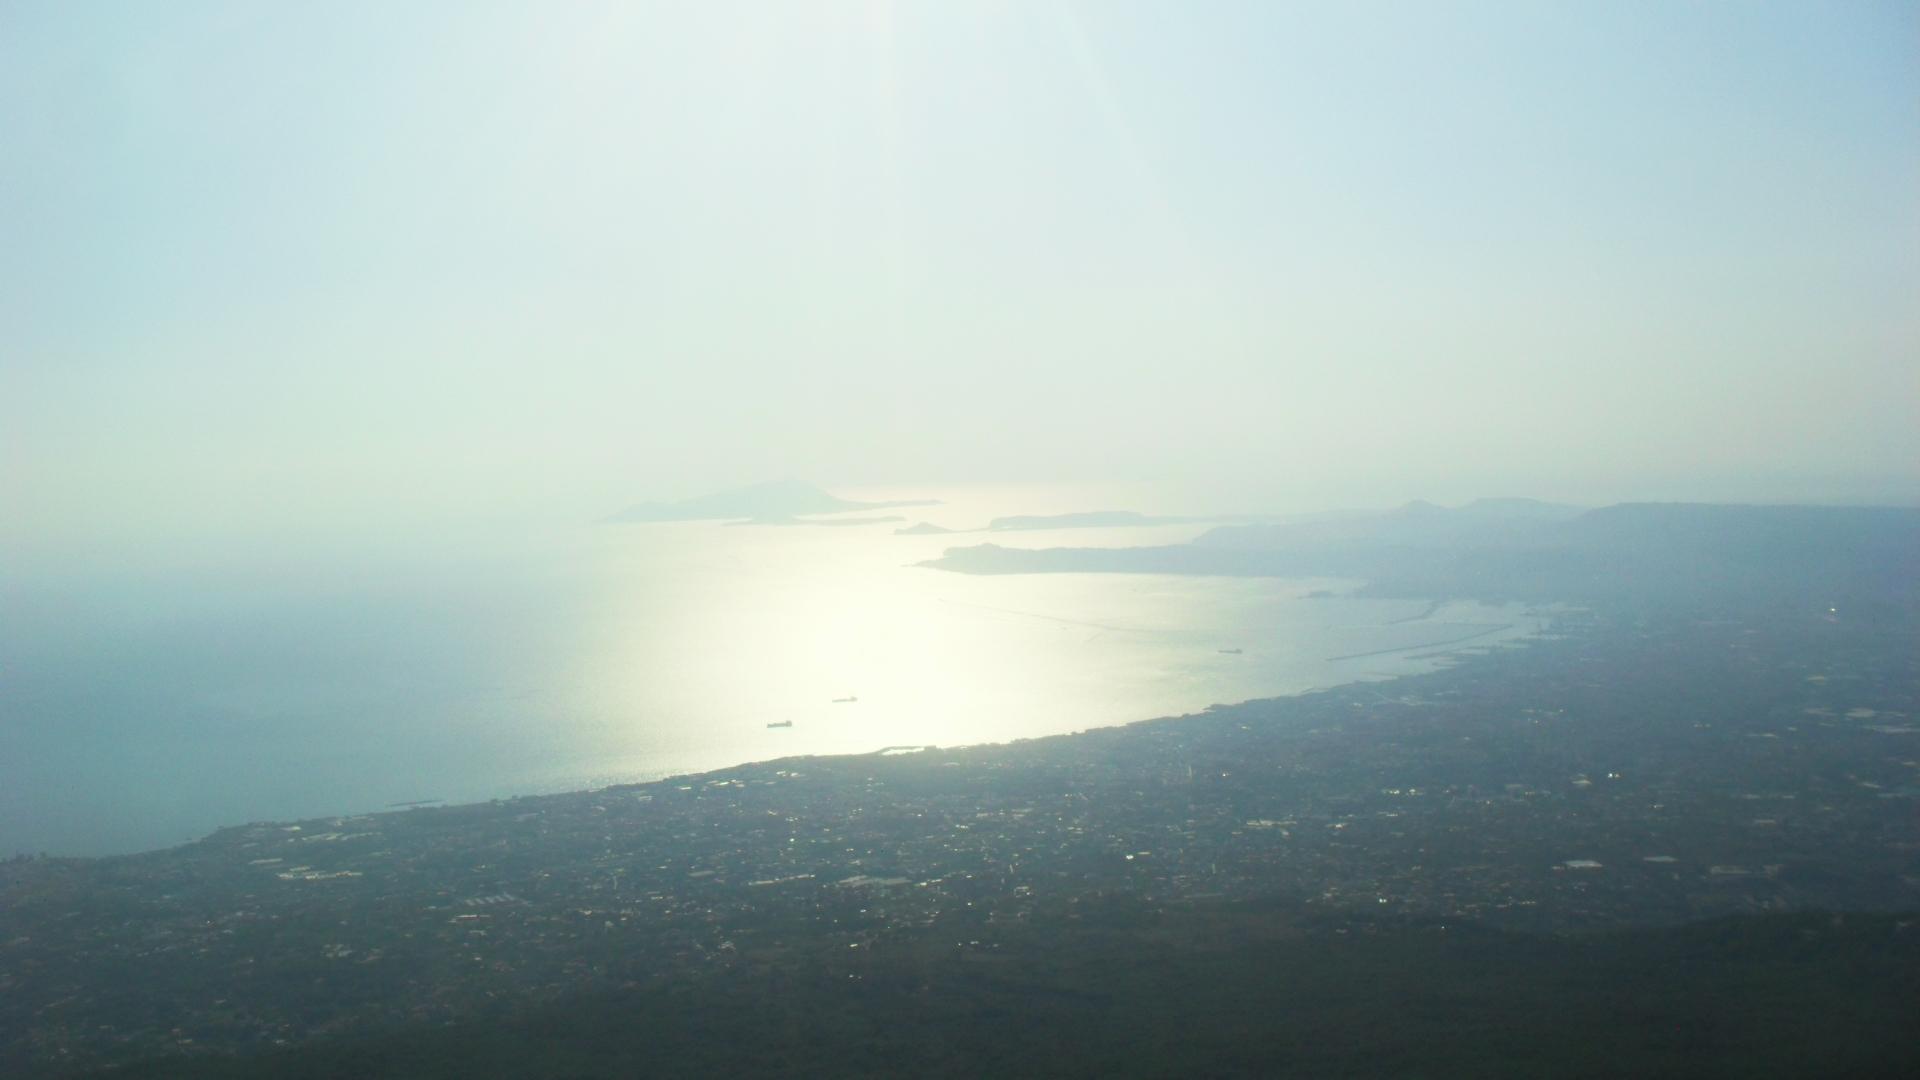 Pomigliano Jazz - Gran Cono del Vesuvio